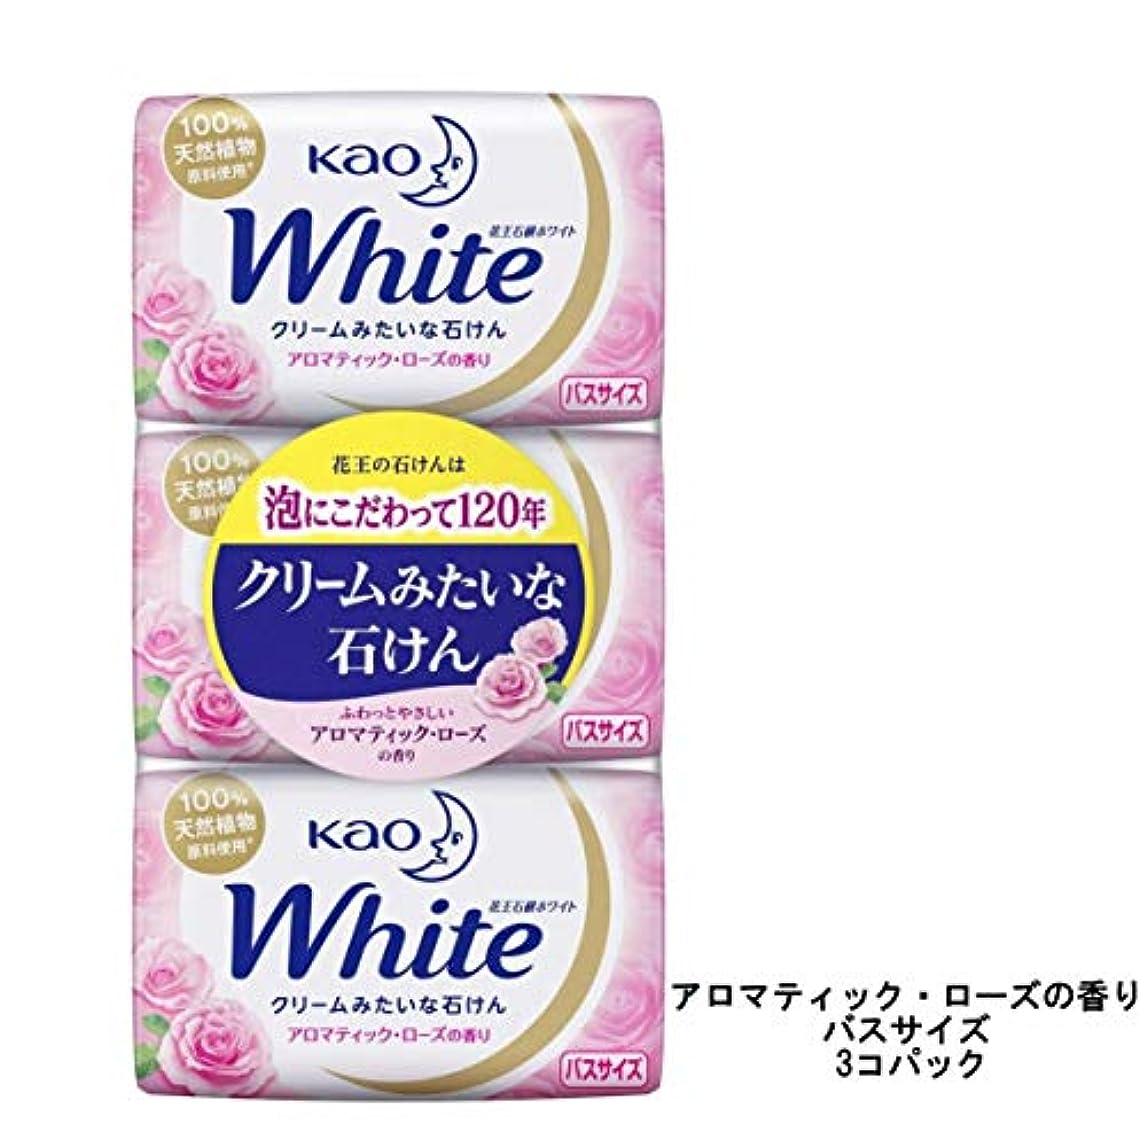 間違えた知覚時ホワイトアロマティックローズバスサイズ3個パック130g×3